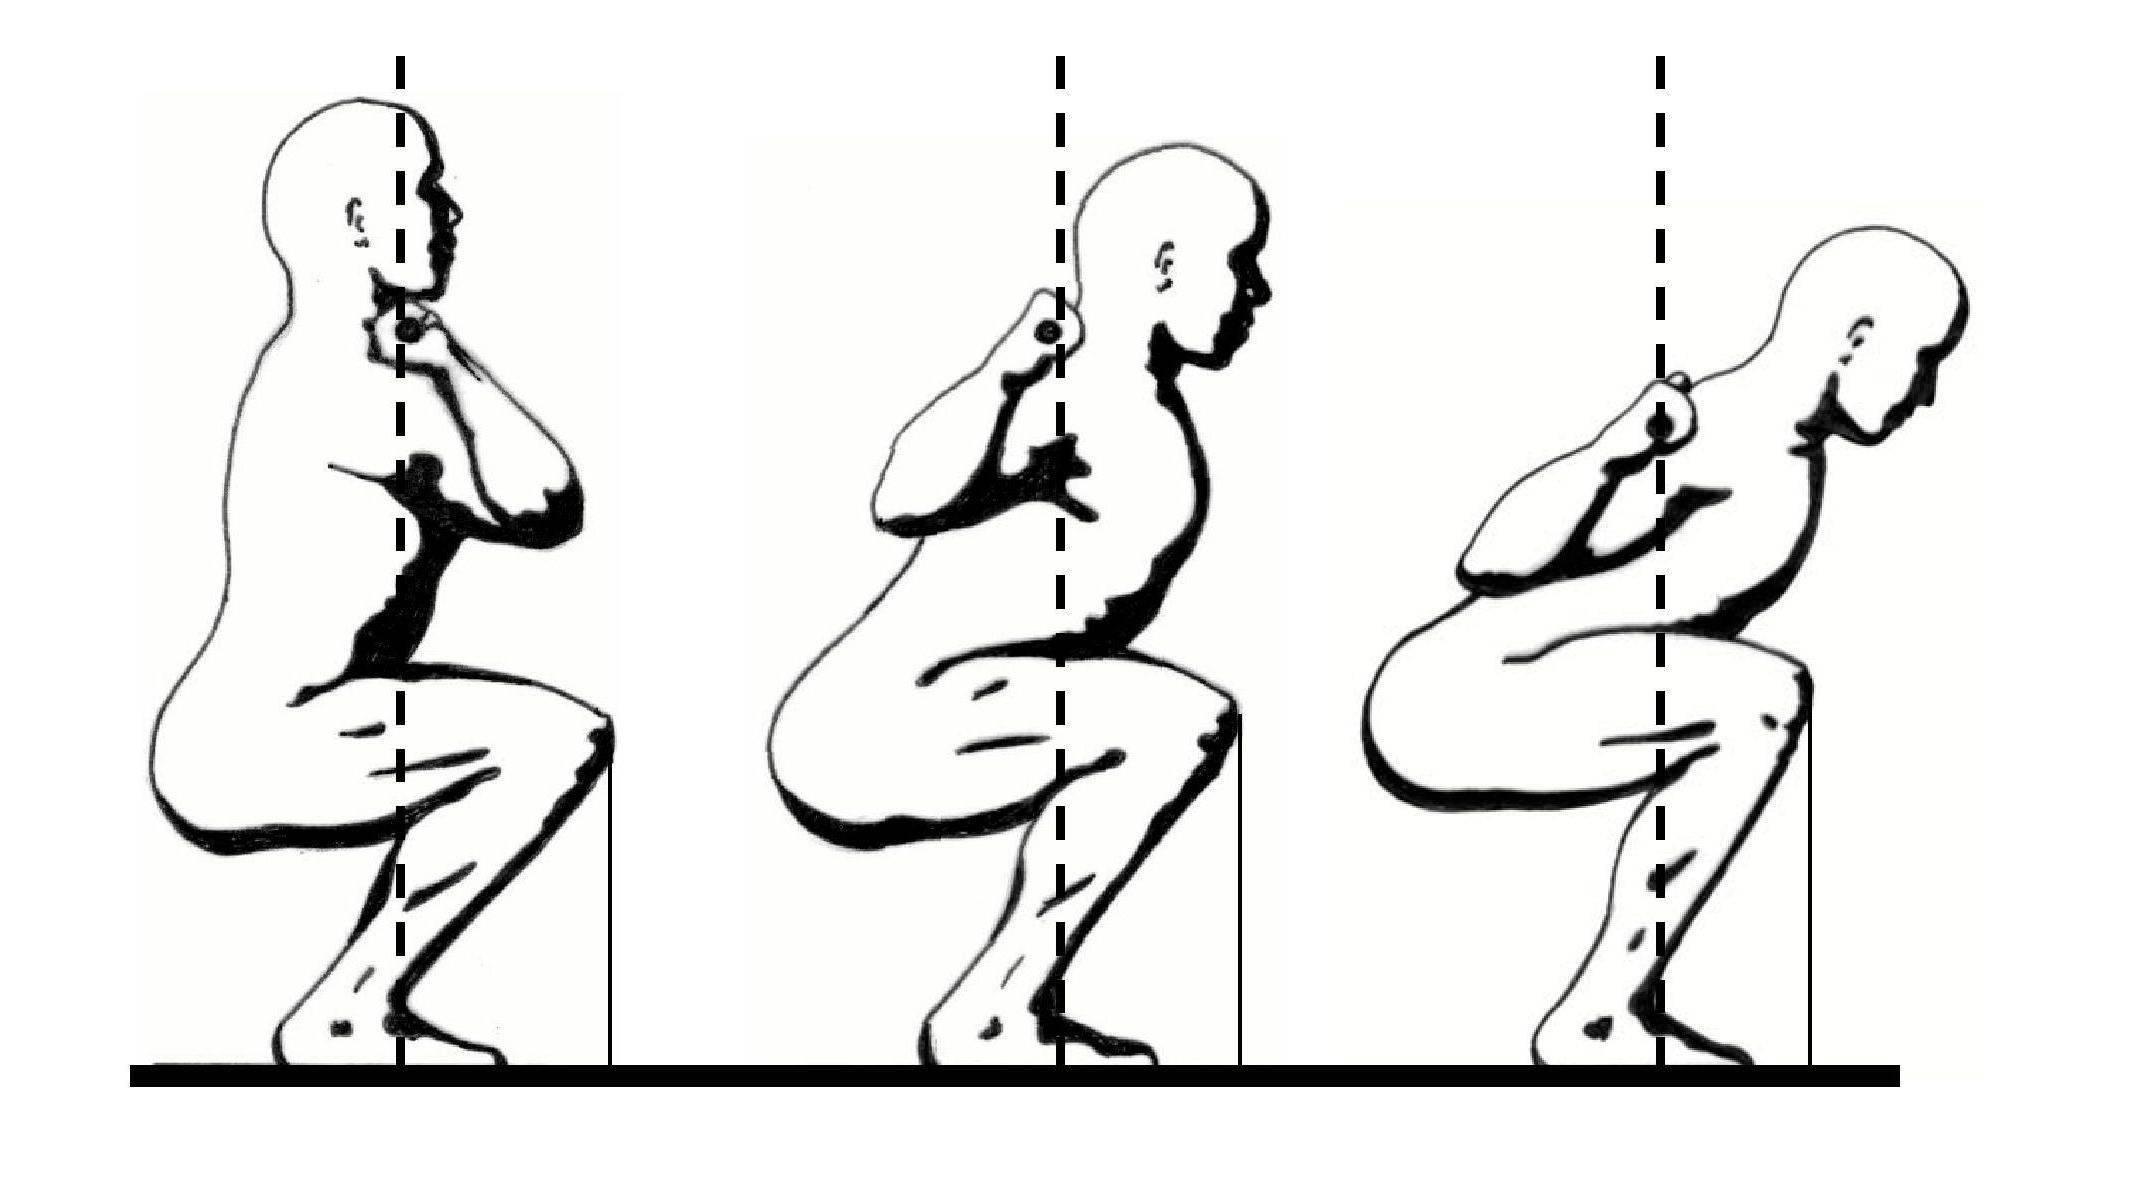 Приседания со штангой: техника выполнения, какие мышцы работают